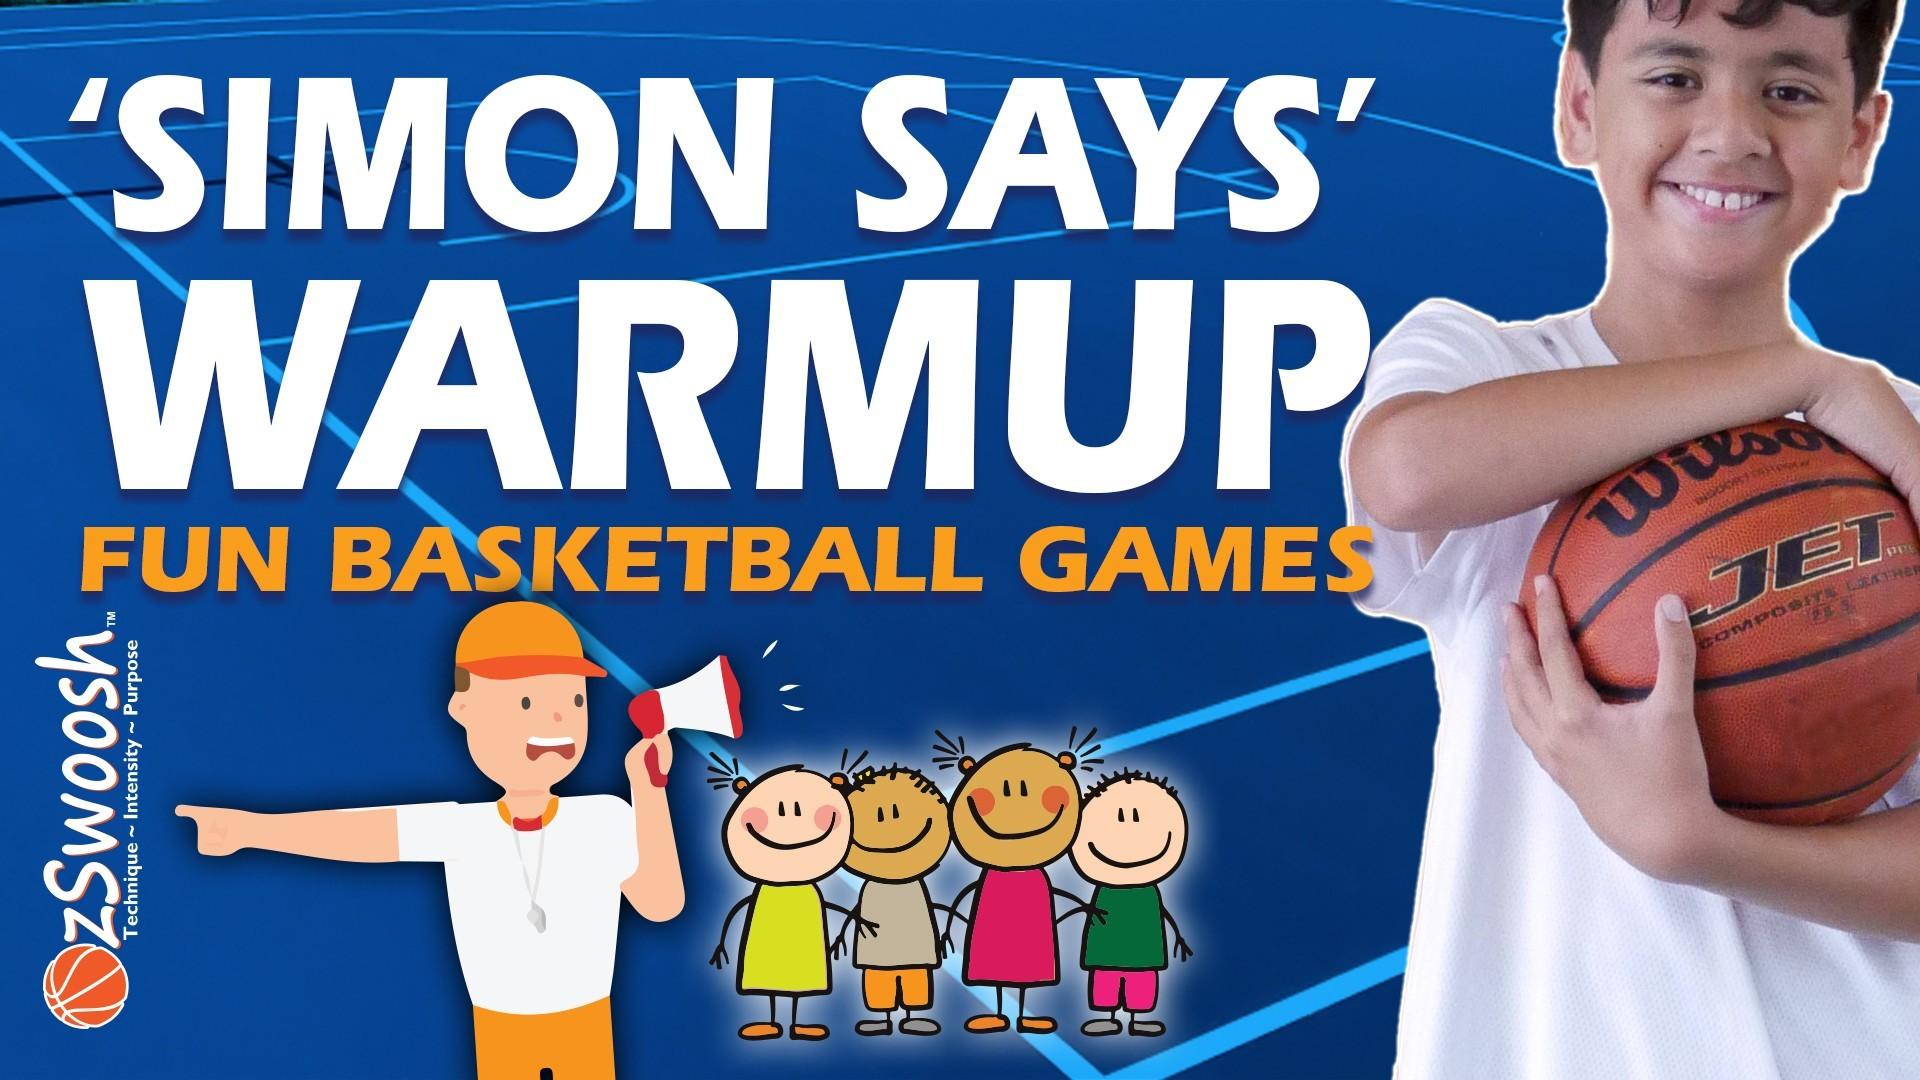 Fun Youth Basketball Drills For Kids - Simon Says (Warmup Game)